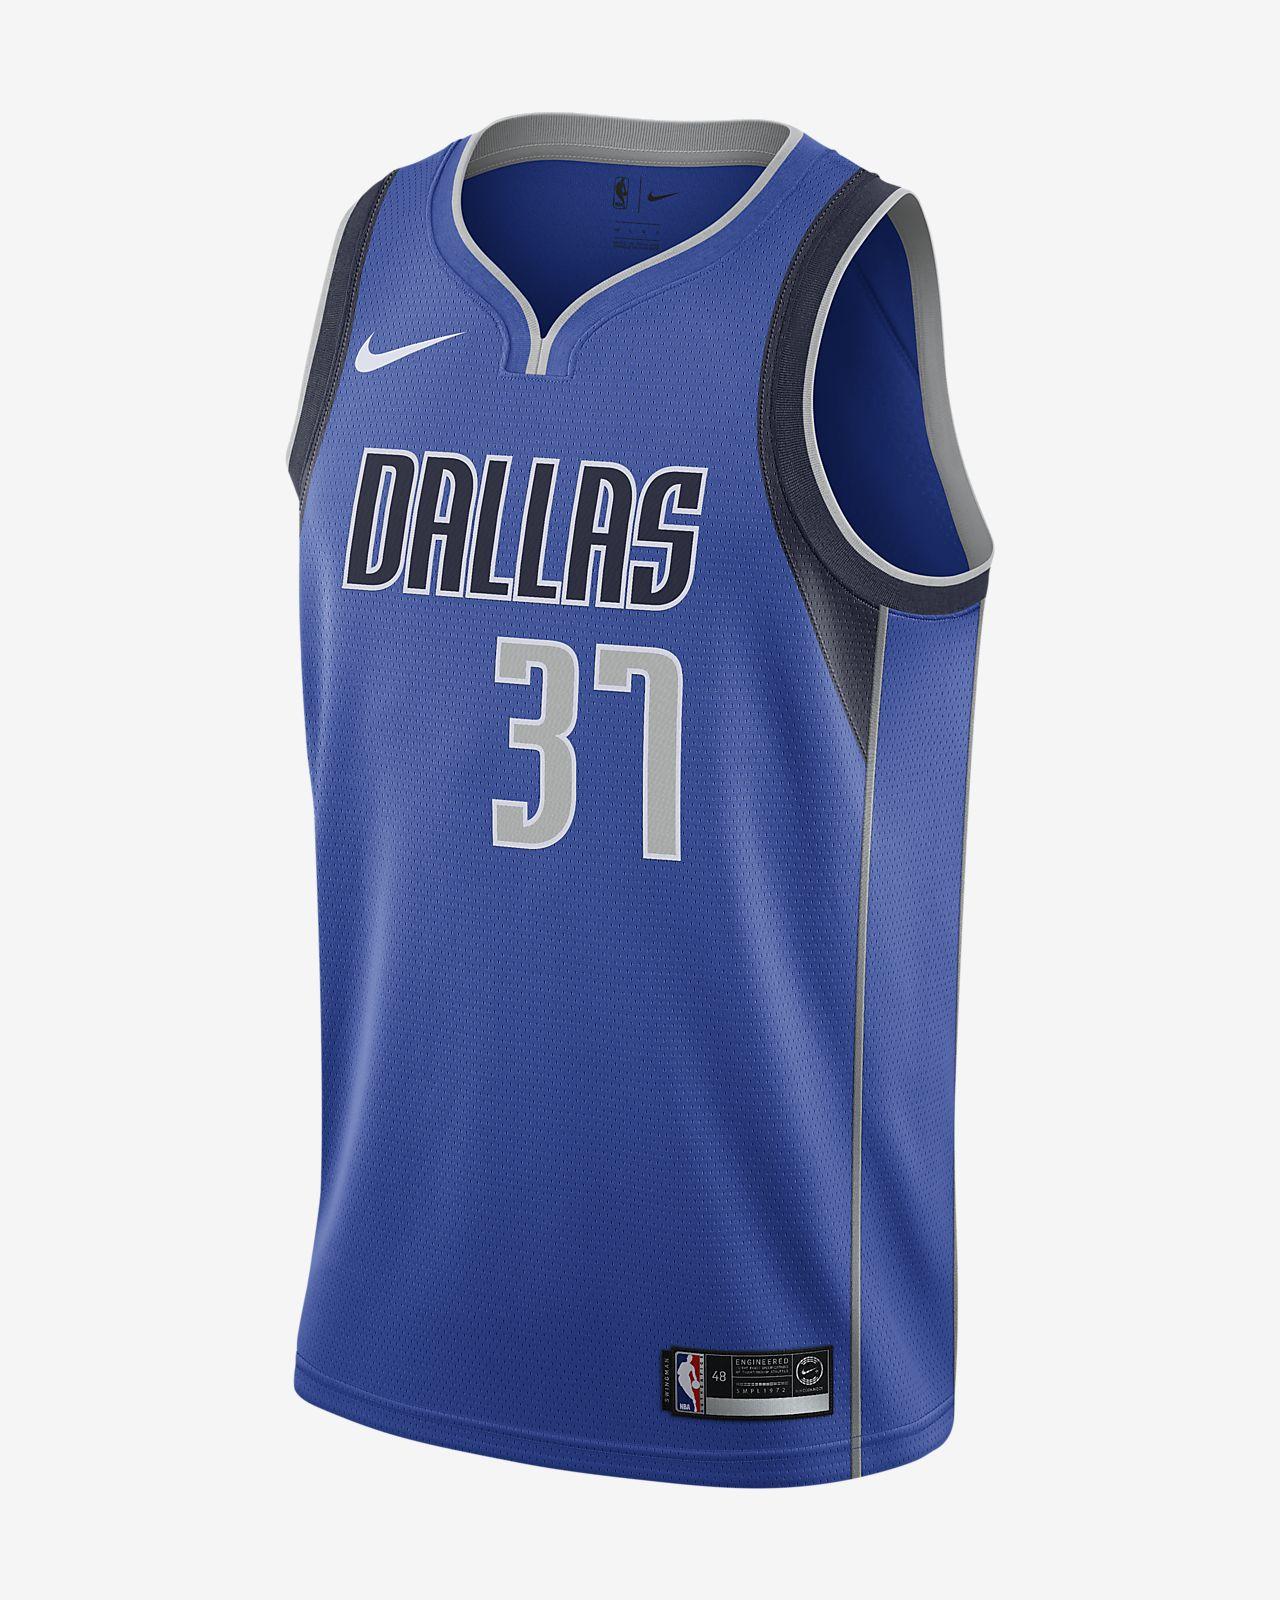 Camisola com ligação à NBA da Nike Kostas Antetokounmpo Icon Edition Swingman (Dallas Mavericks) para homem